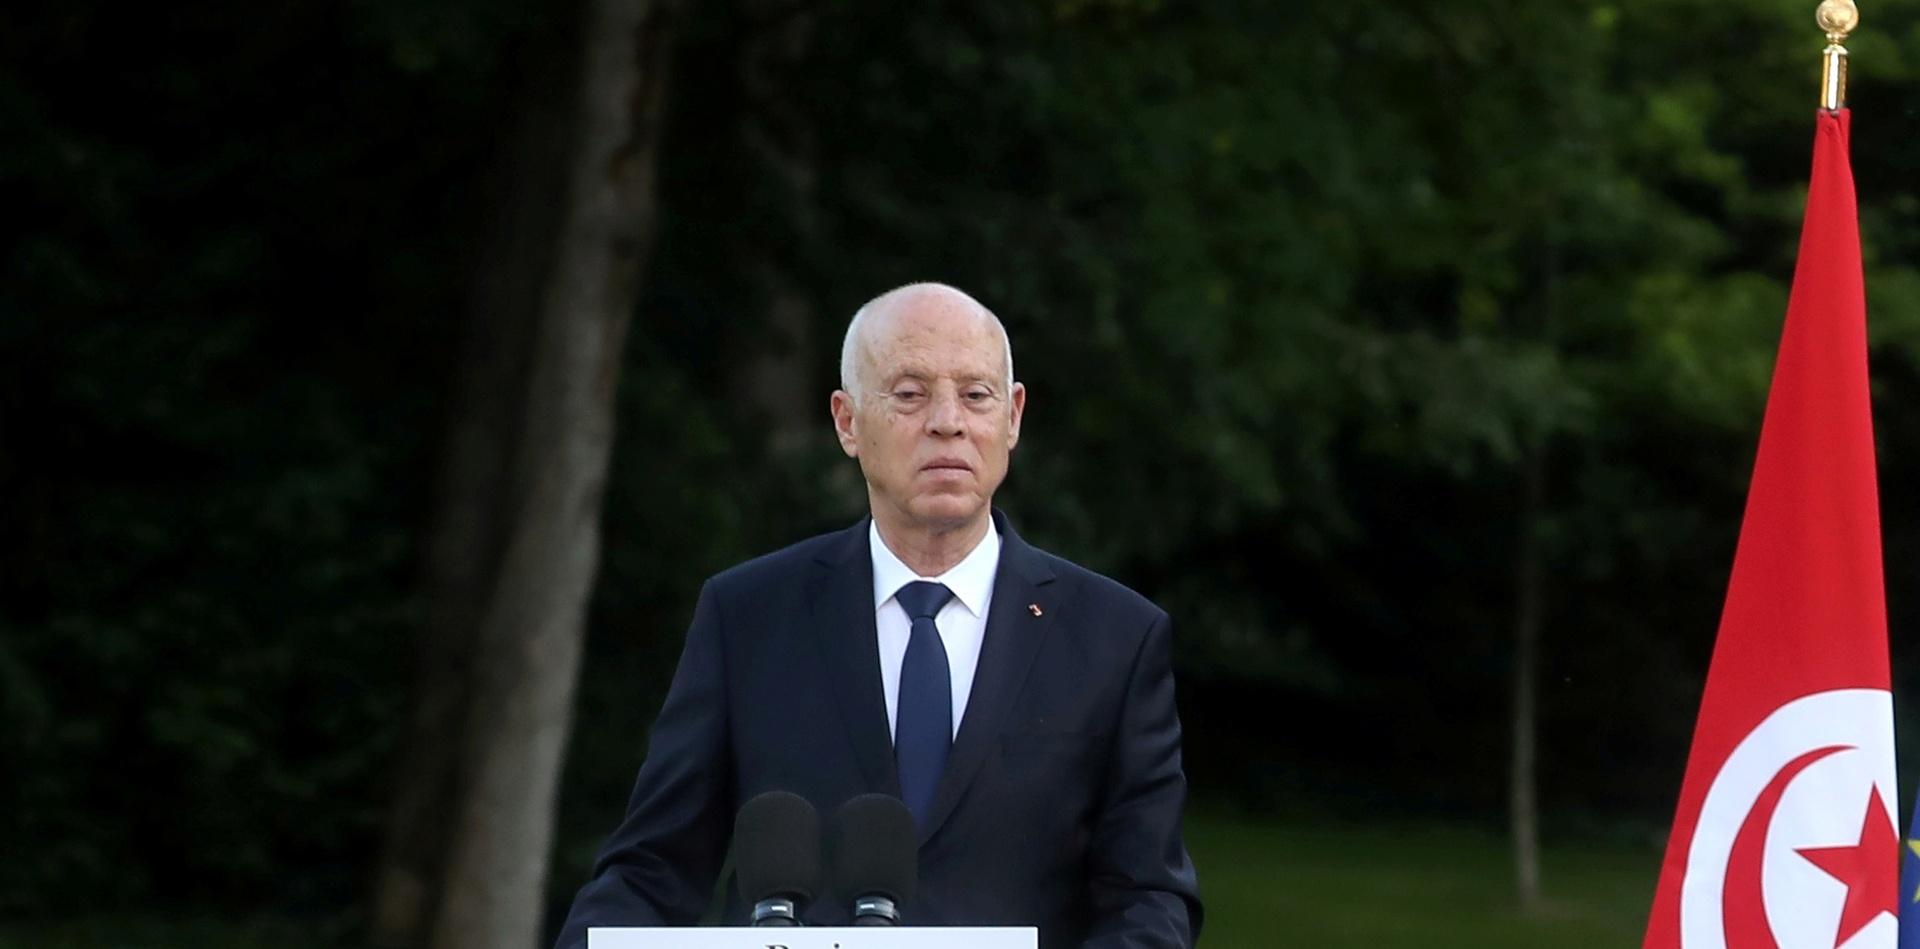 رئيس الجمهورية التونسية قيس سعيّد.